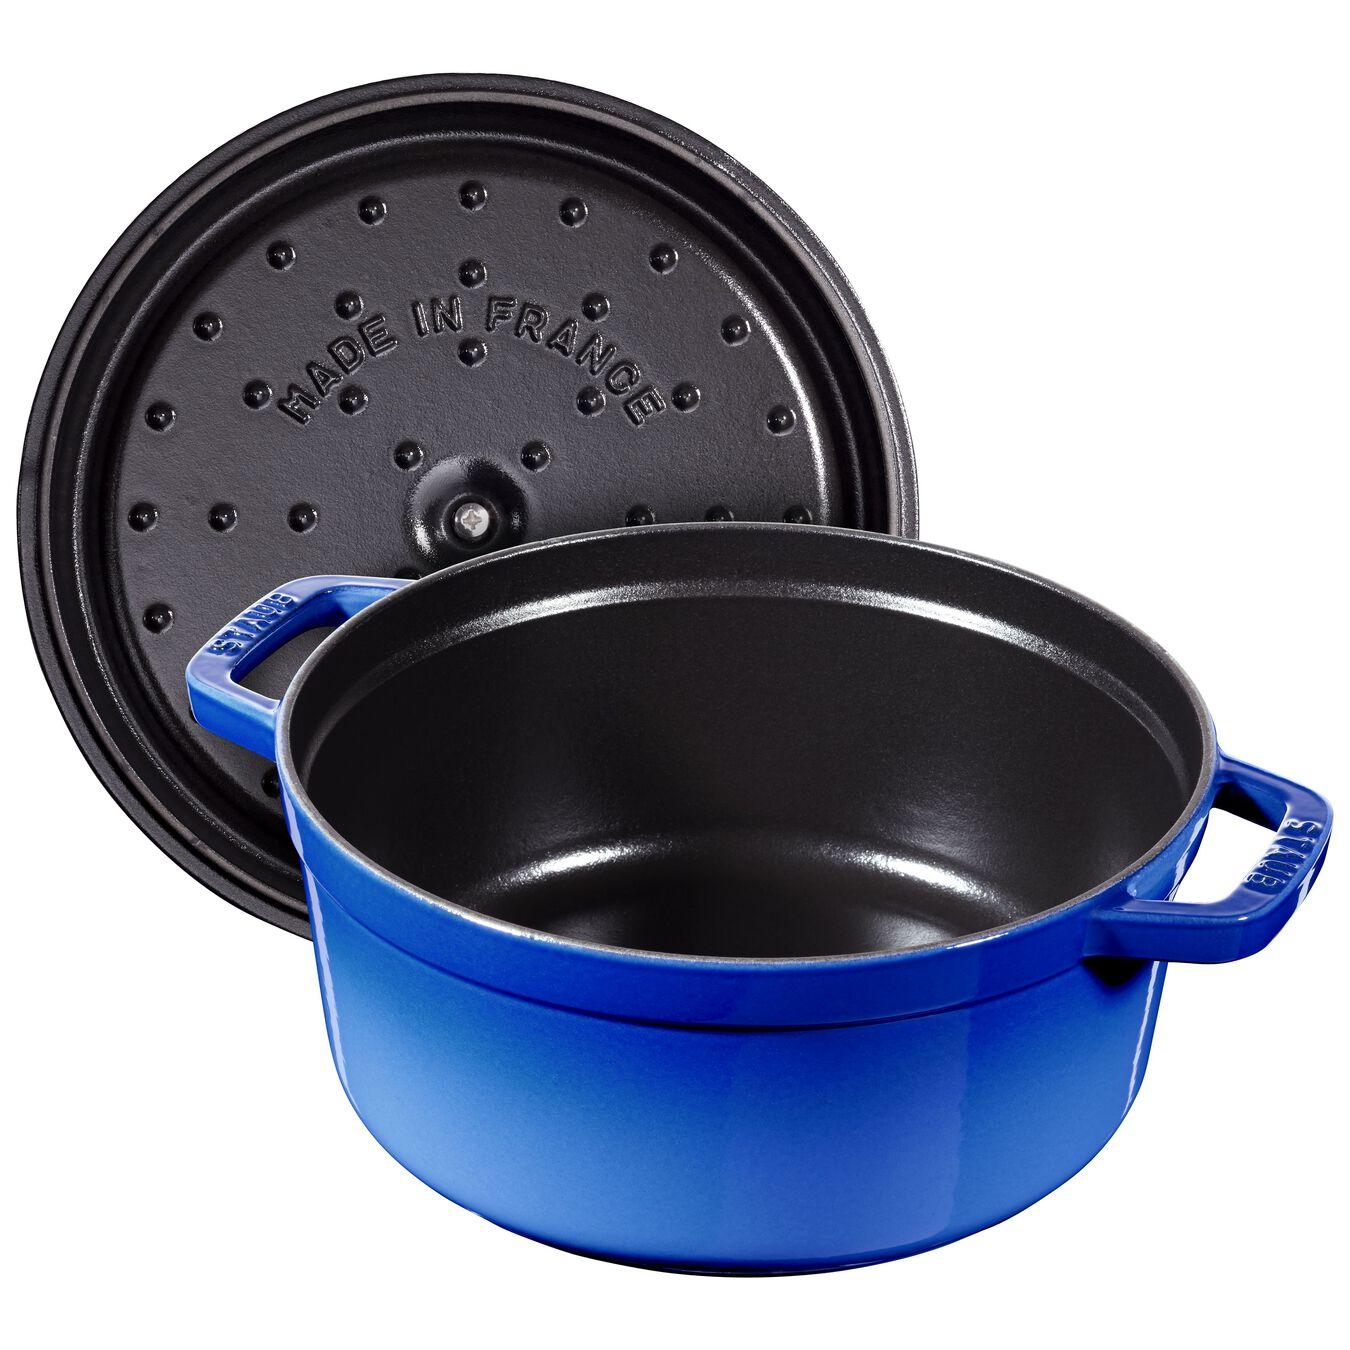 Cocotte 24 cm, Rond(e), Bleu roi, Fonte,,large 3